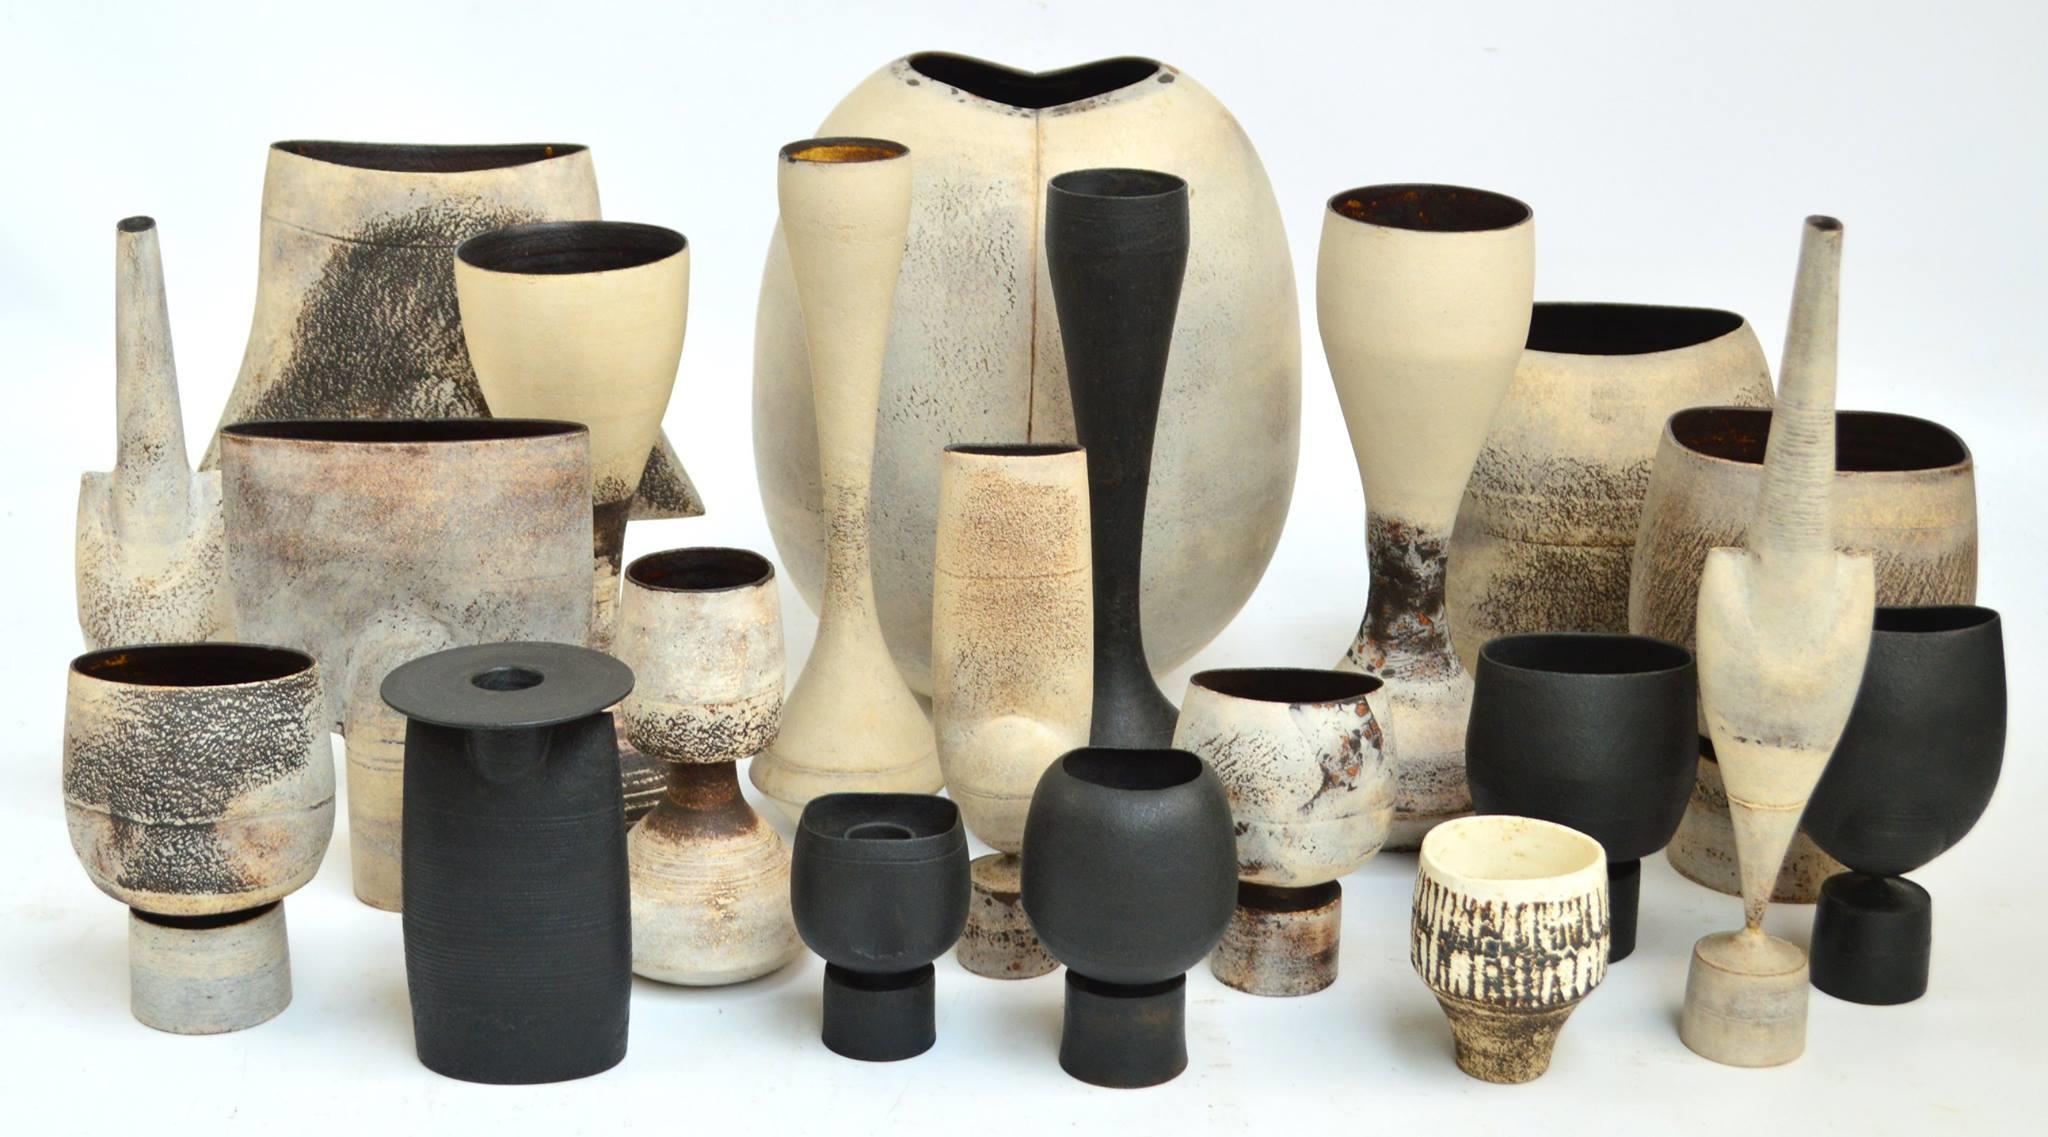 Vasi ceramica fioriere e vasi - Vasi ceramica esterno ...